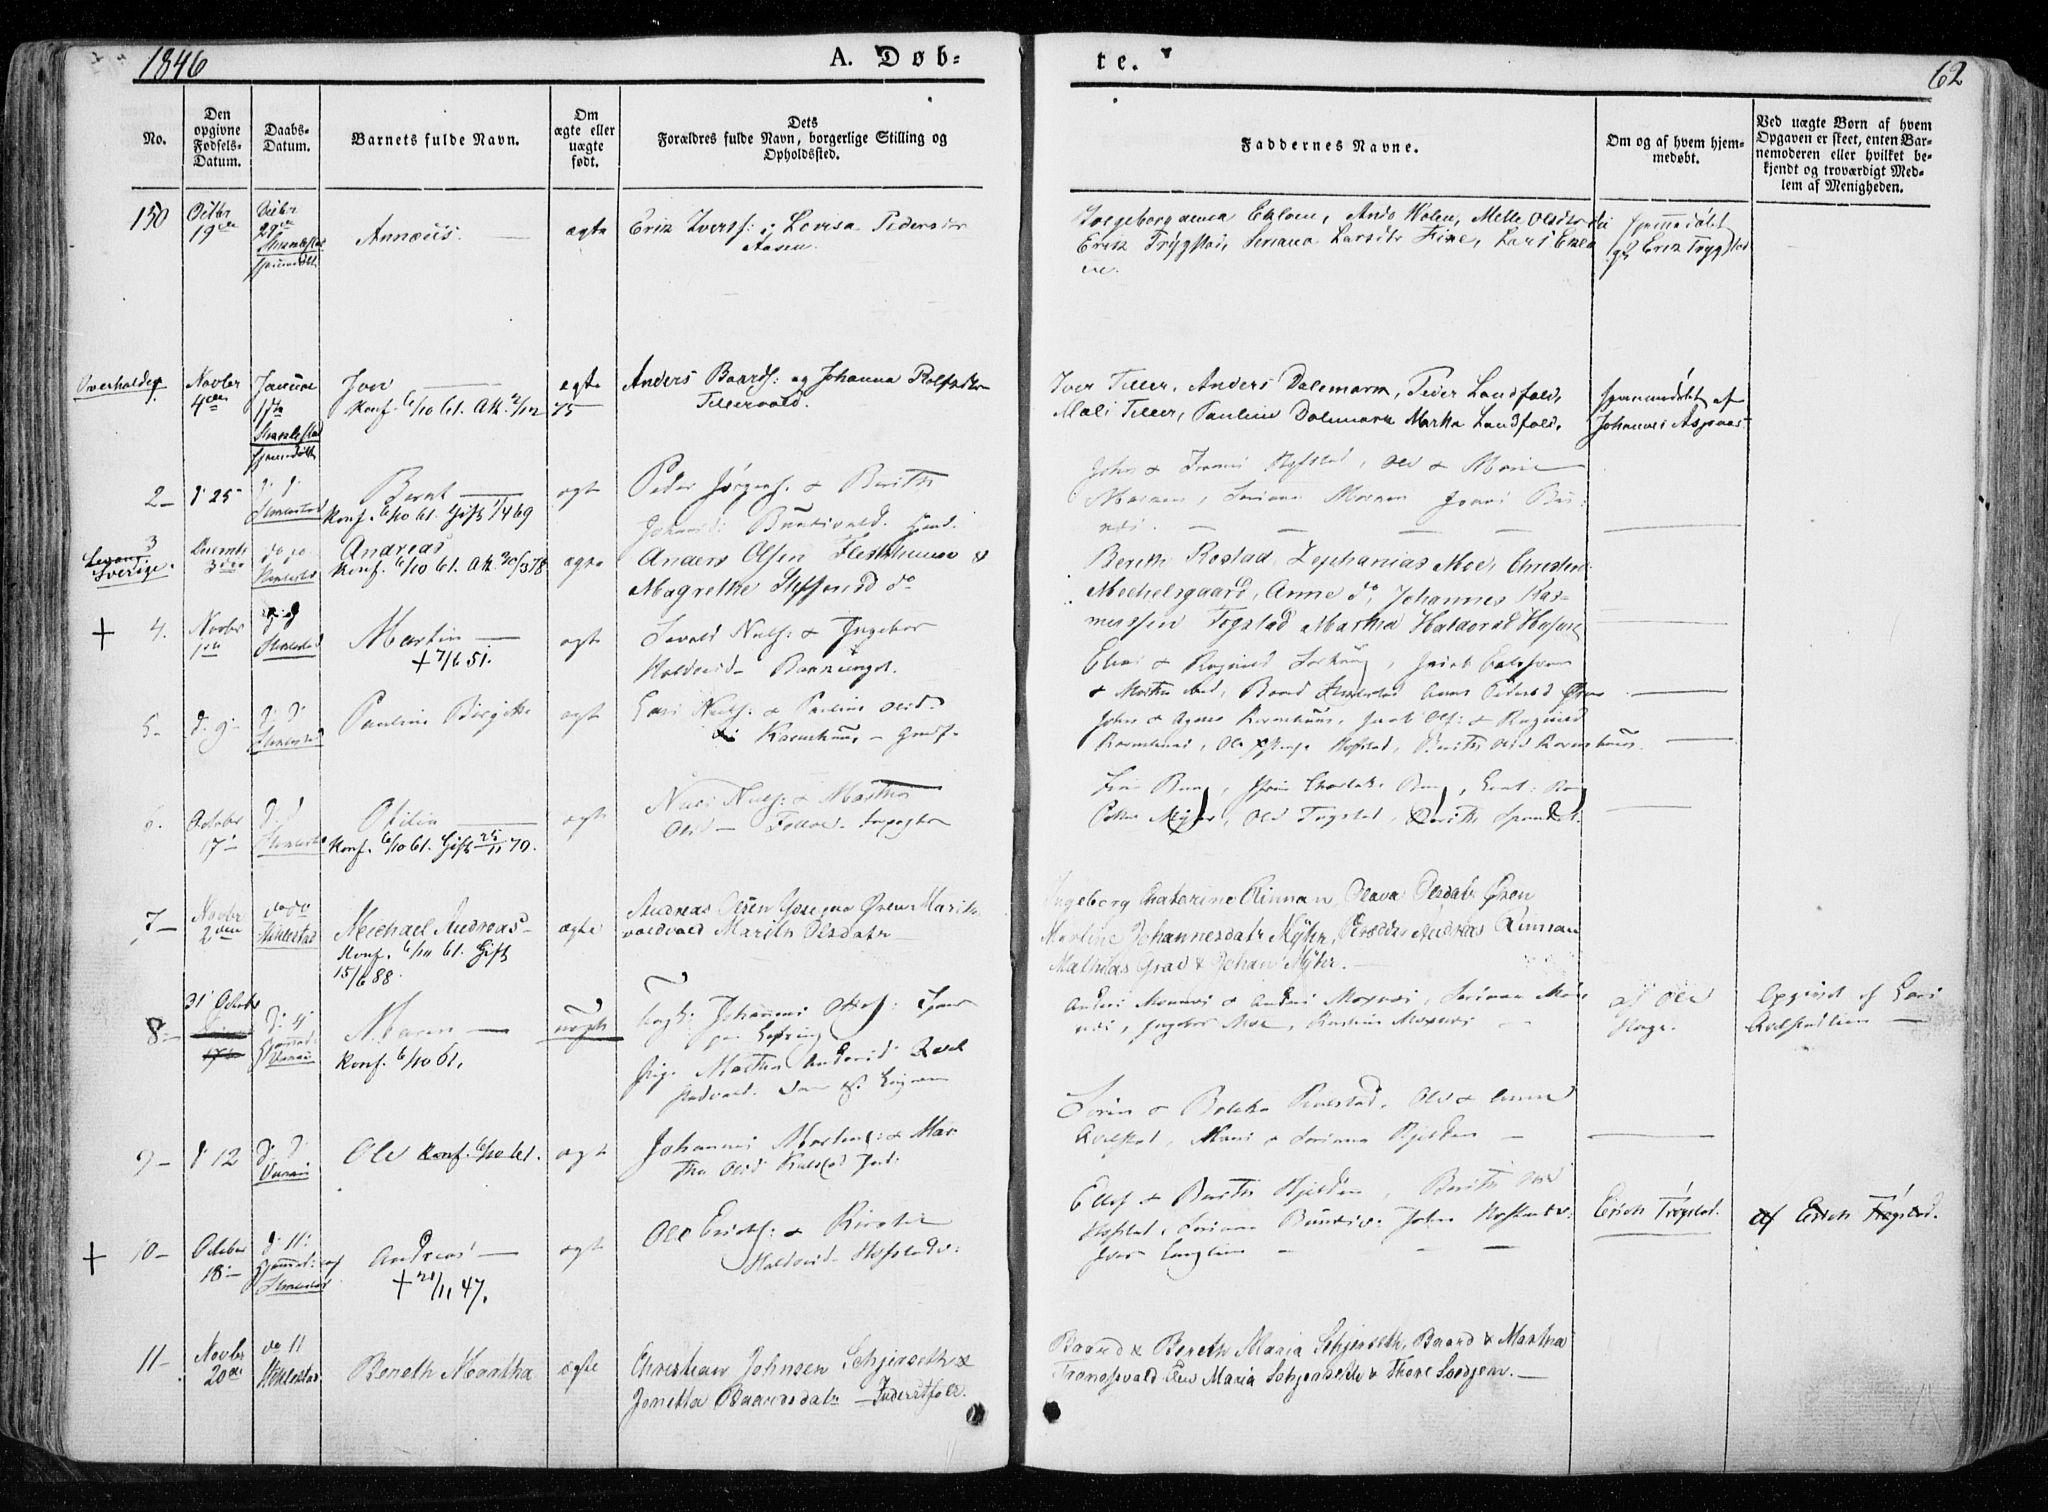 SAT, Ministerialprotokoller, klokkerbøker og fødselsregistre - Nord-Trøndelag, 723/L0239: Parish register (official) no. 723A08, 1841-1851, p. 62